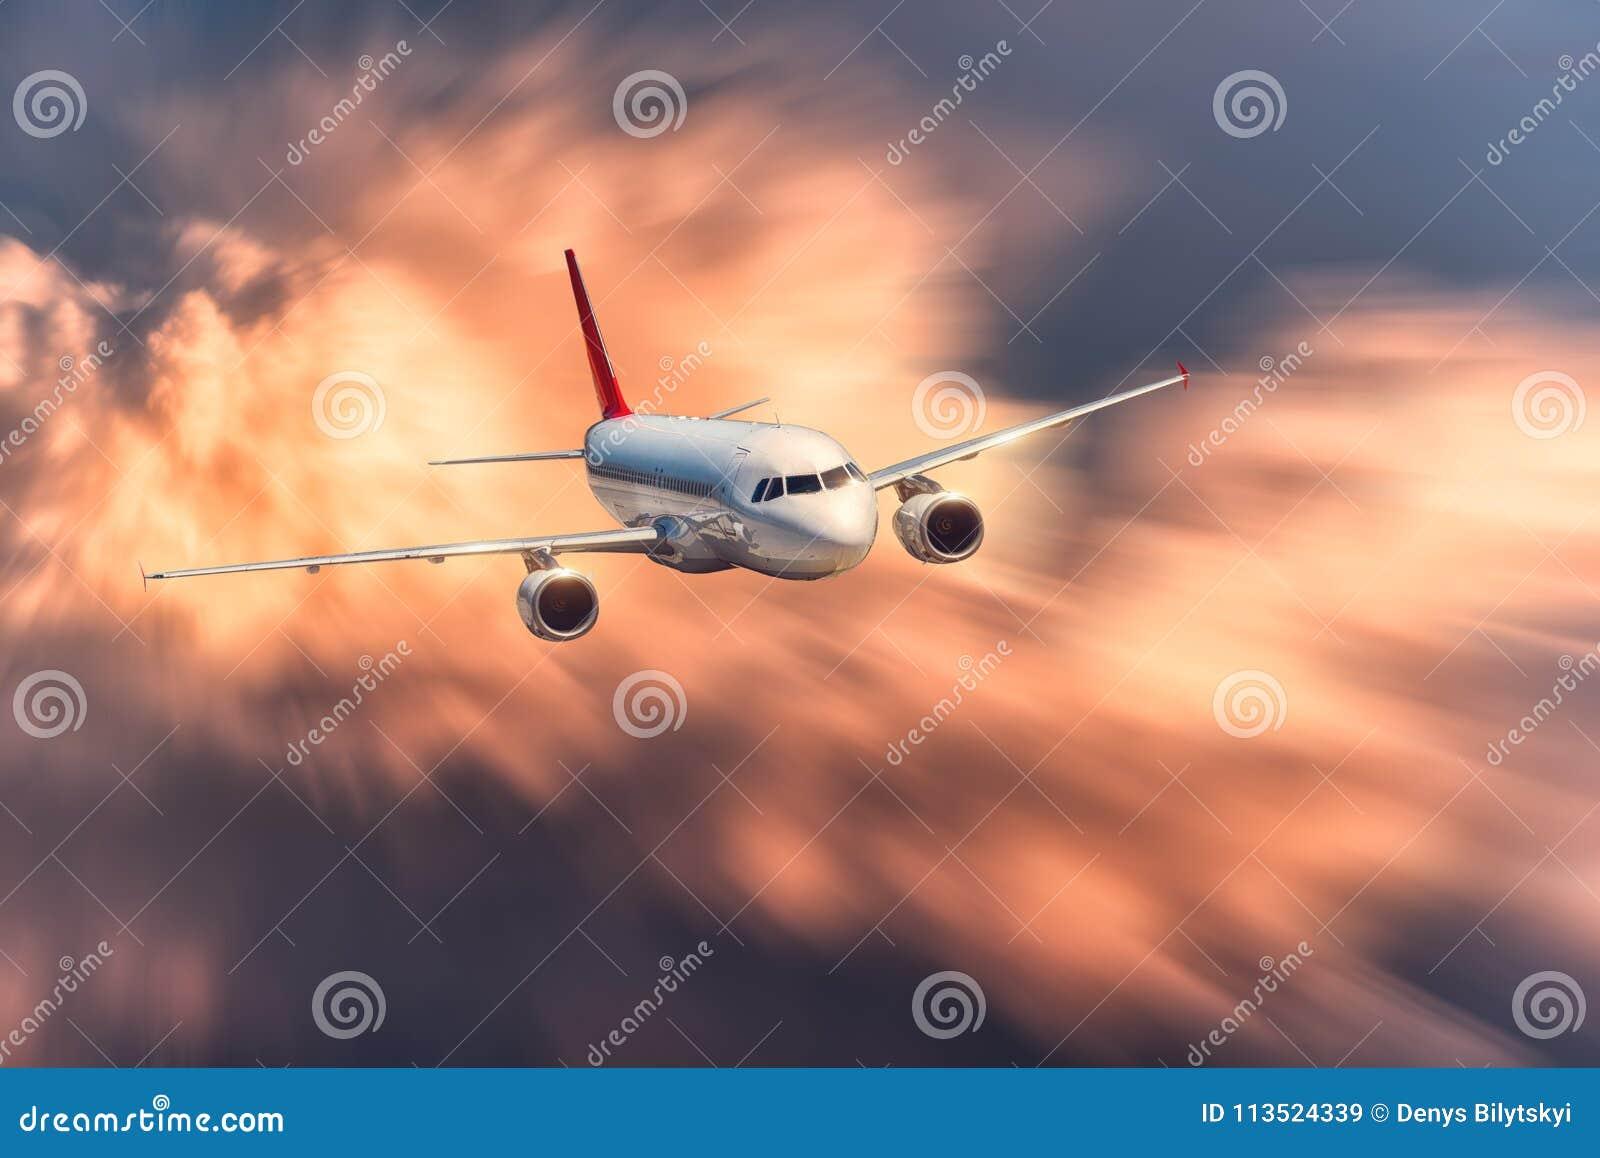 El aeroplano con efecto de la falta de definición de movimiento está volando en nubes anaranjadas grandes en la puesta del sol Ae